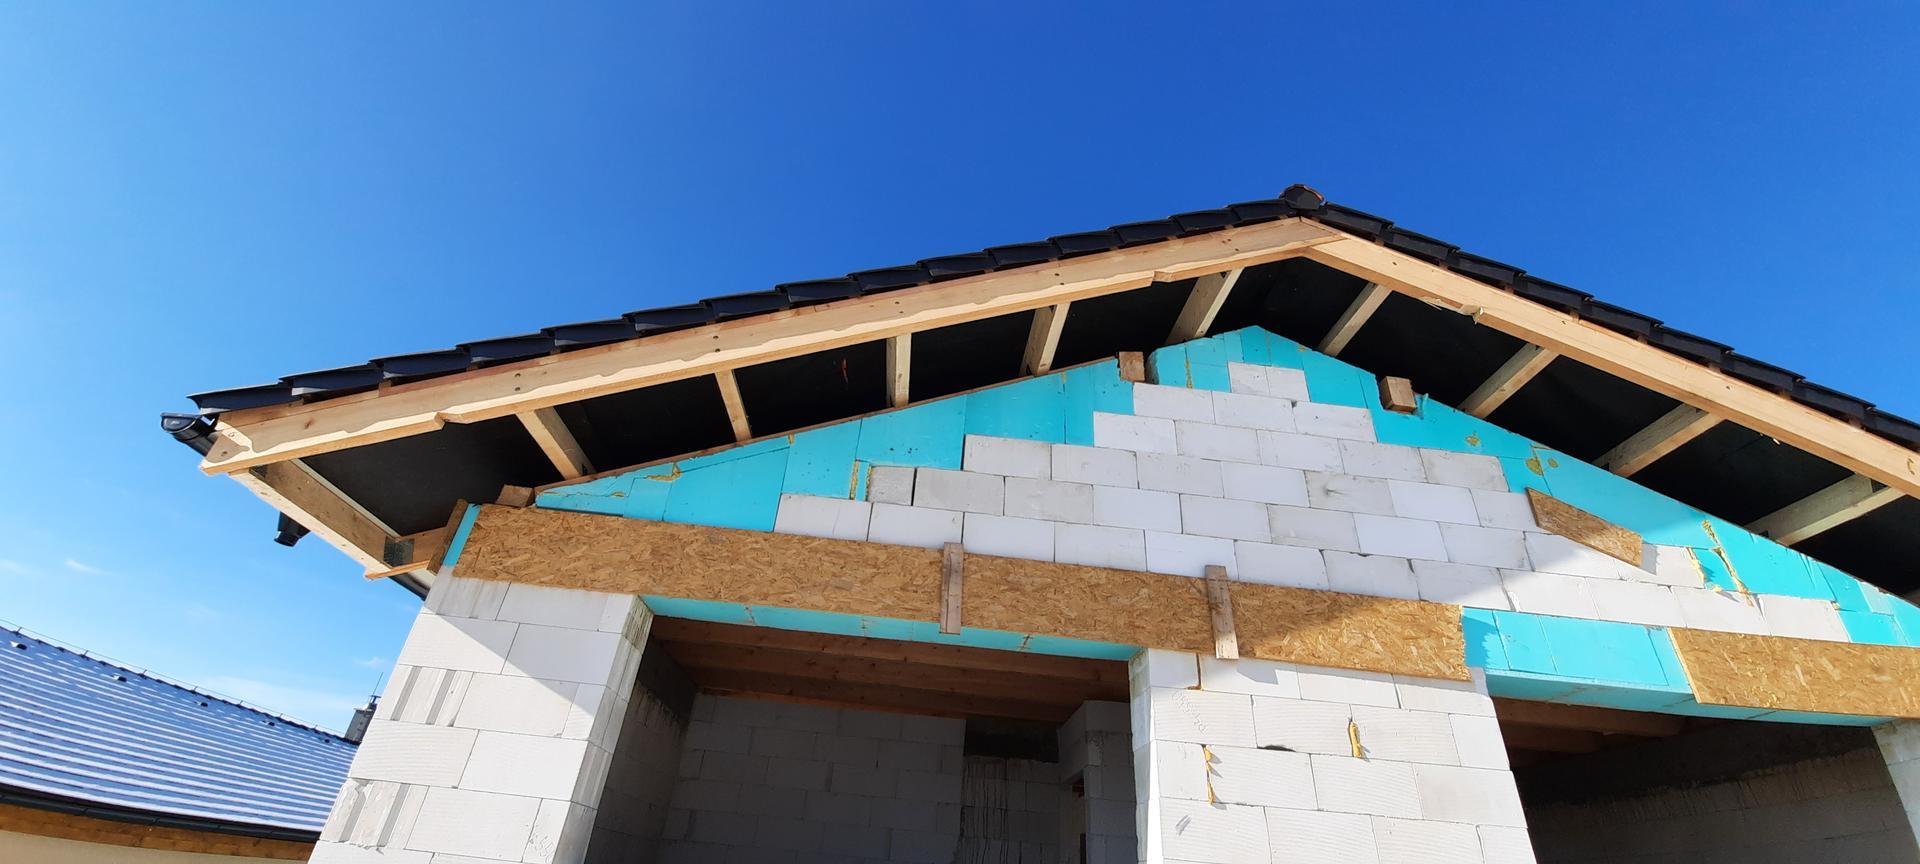 Bungalov 1871 - Detail - ukoncenie strechy bez priznanych pomurnic a vrcholovych vaznikov